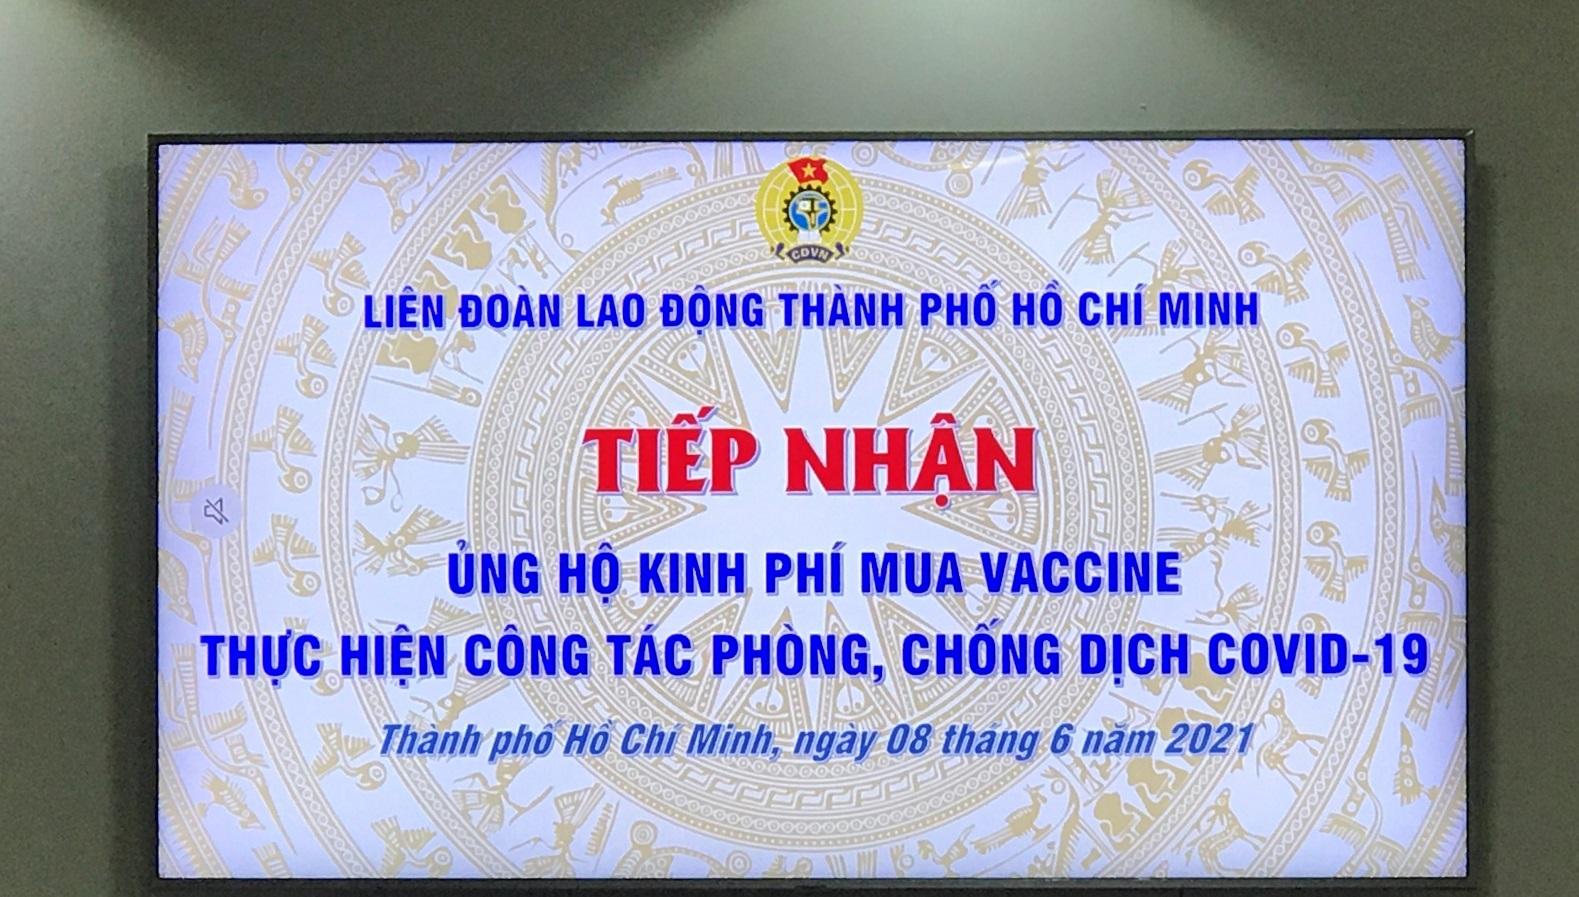 Ủng hộ 800 triệu đồng mua Vaccine thực hiện công tác phòng, chống dịch Covid-19